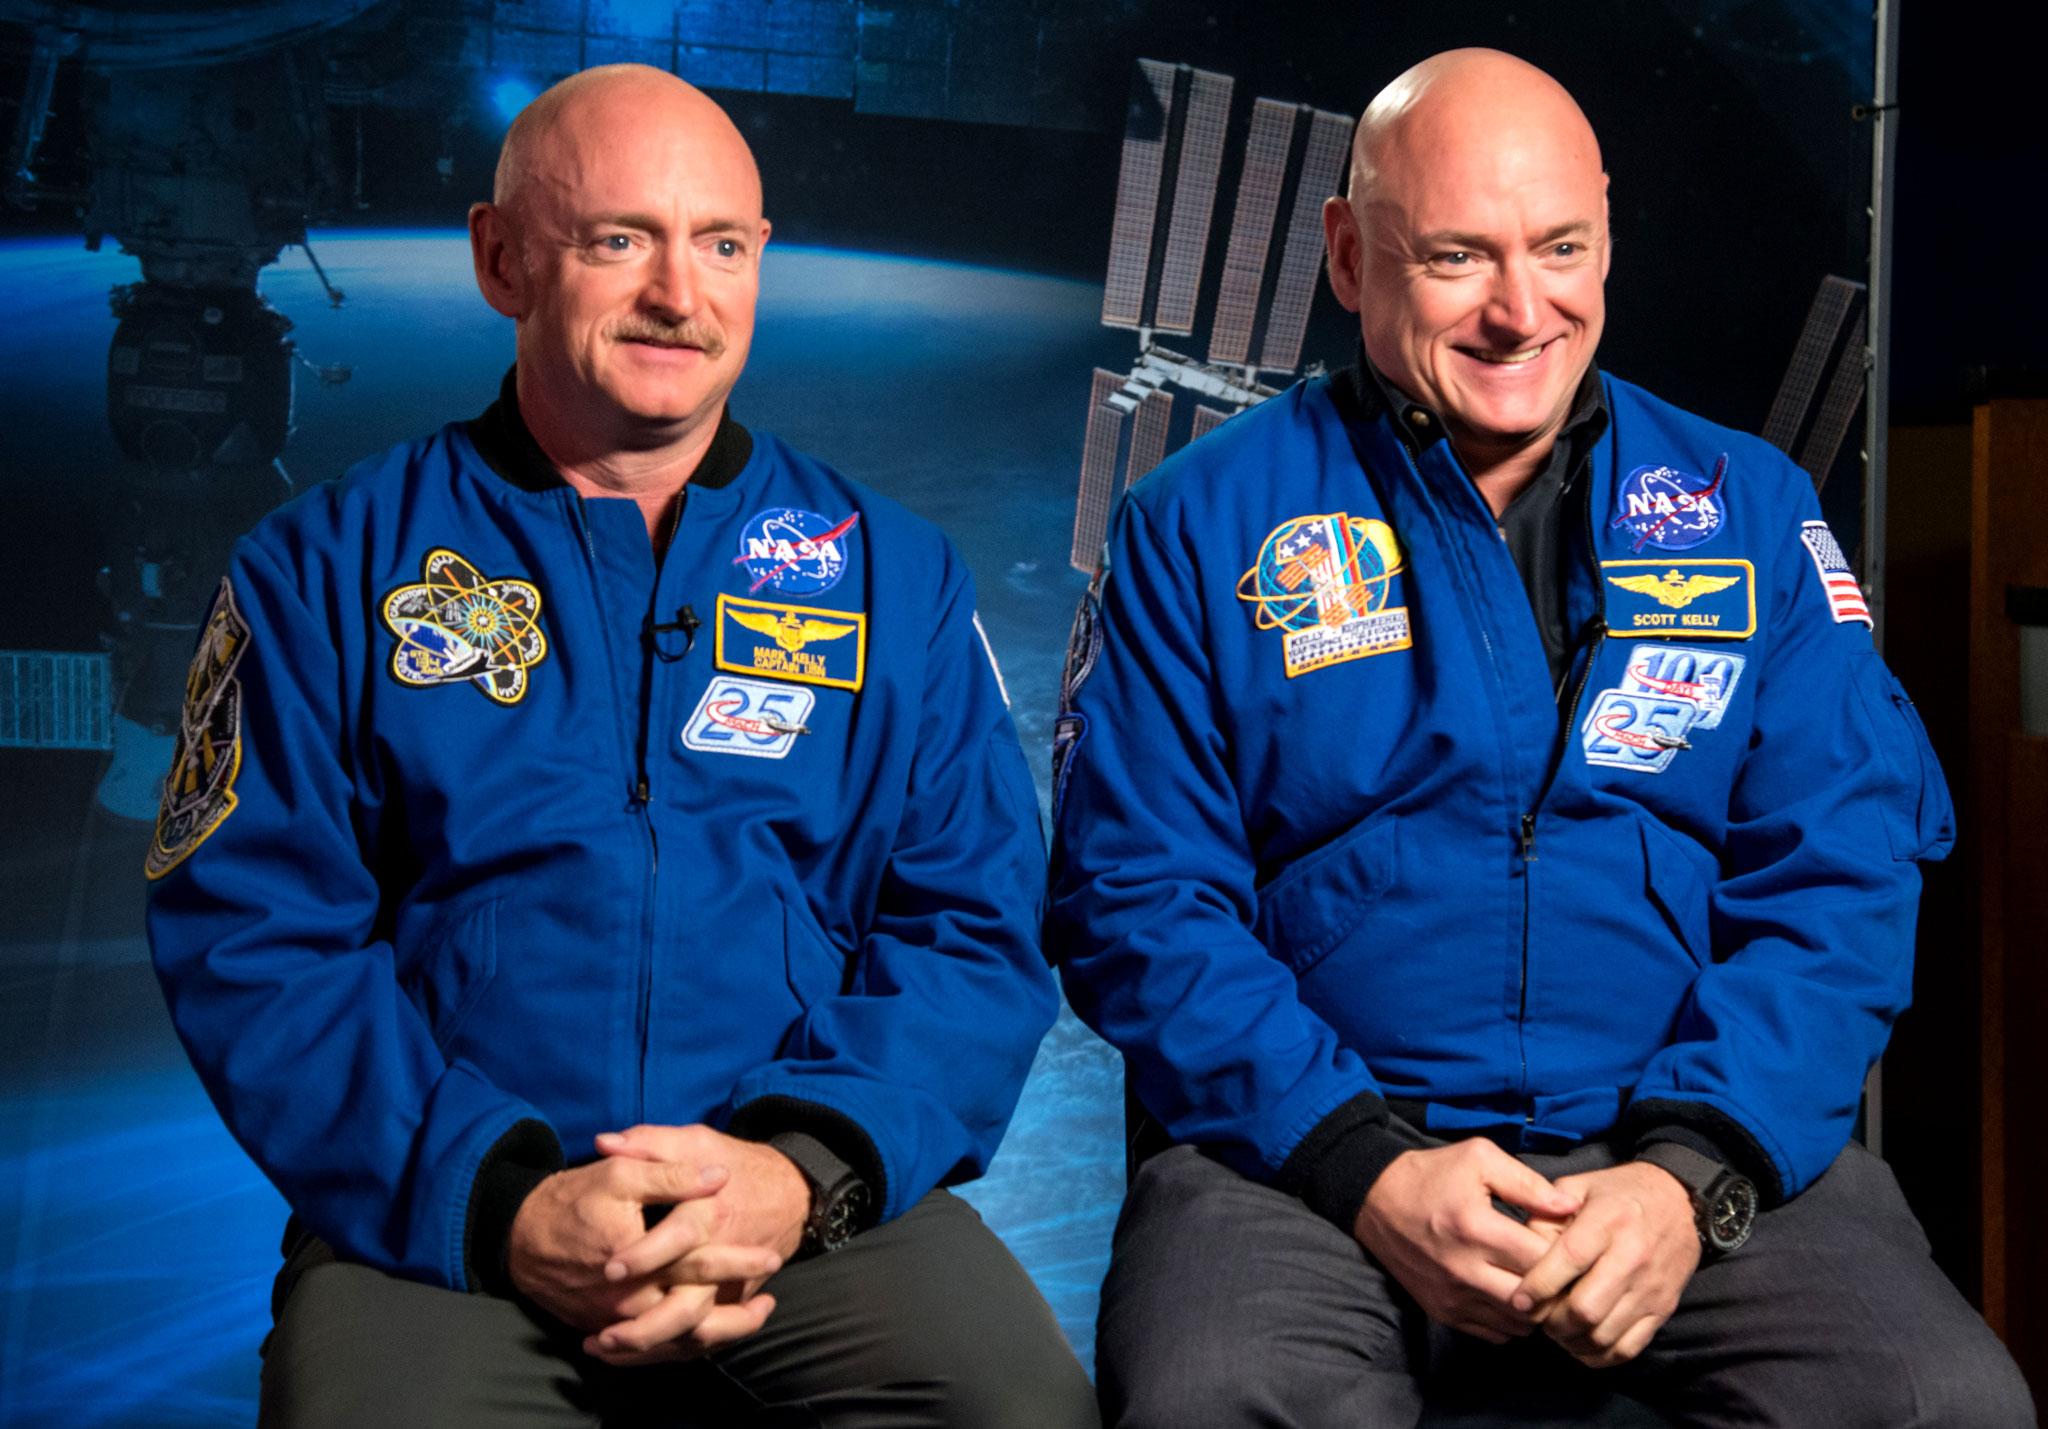 https://playtech.ro/wp-content/uploads/2018/03/astronaut-adn-scott-kelly-1.jpg